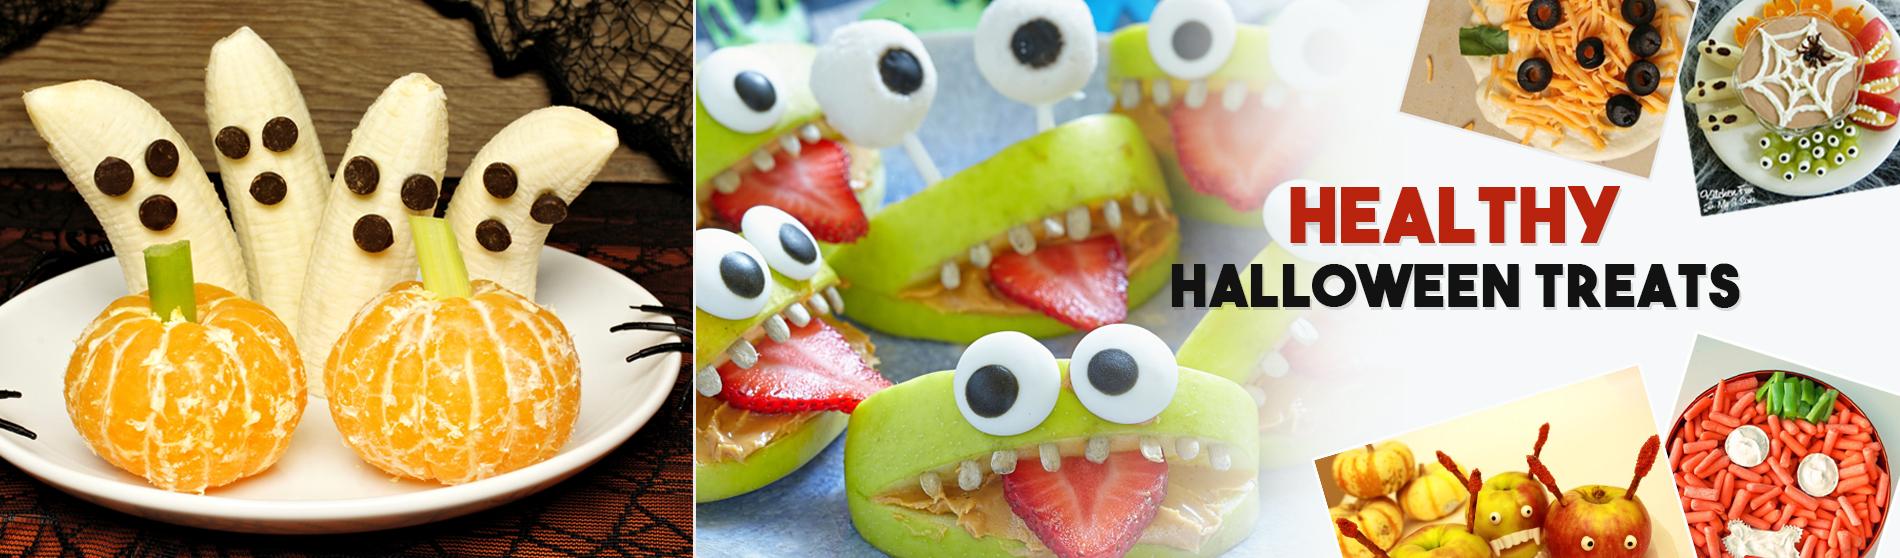 Healthy-Halloween-Treats